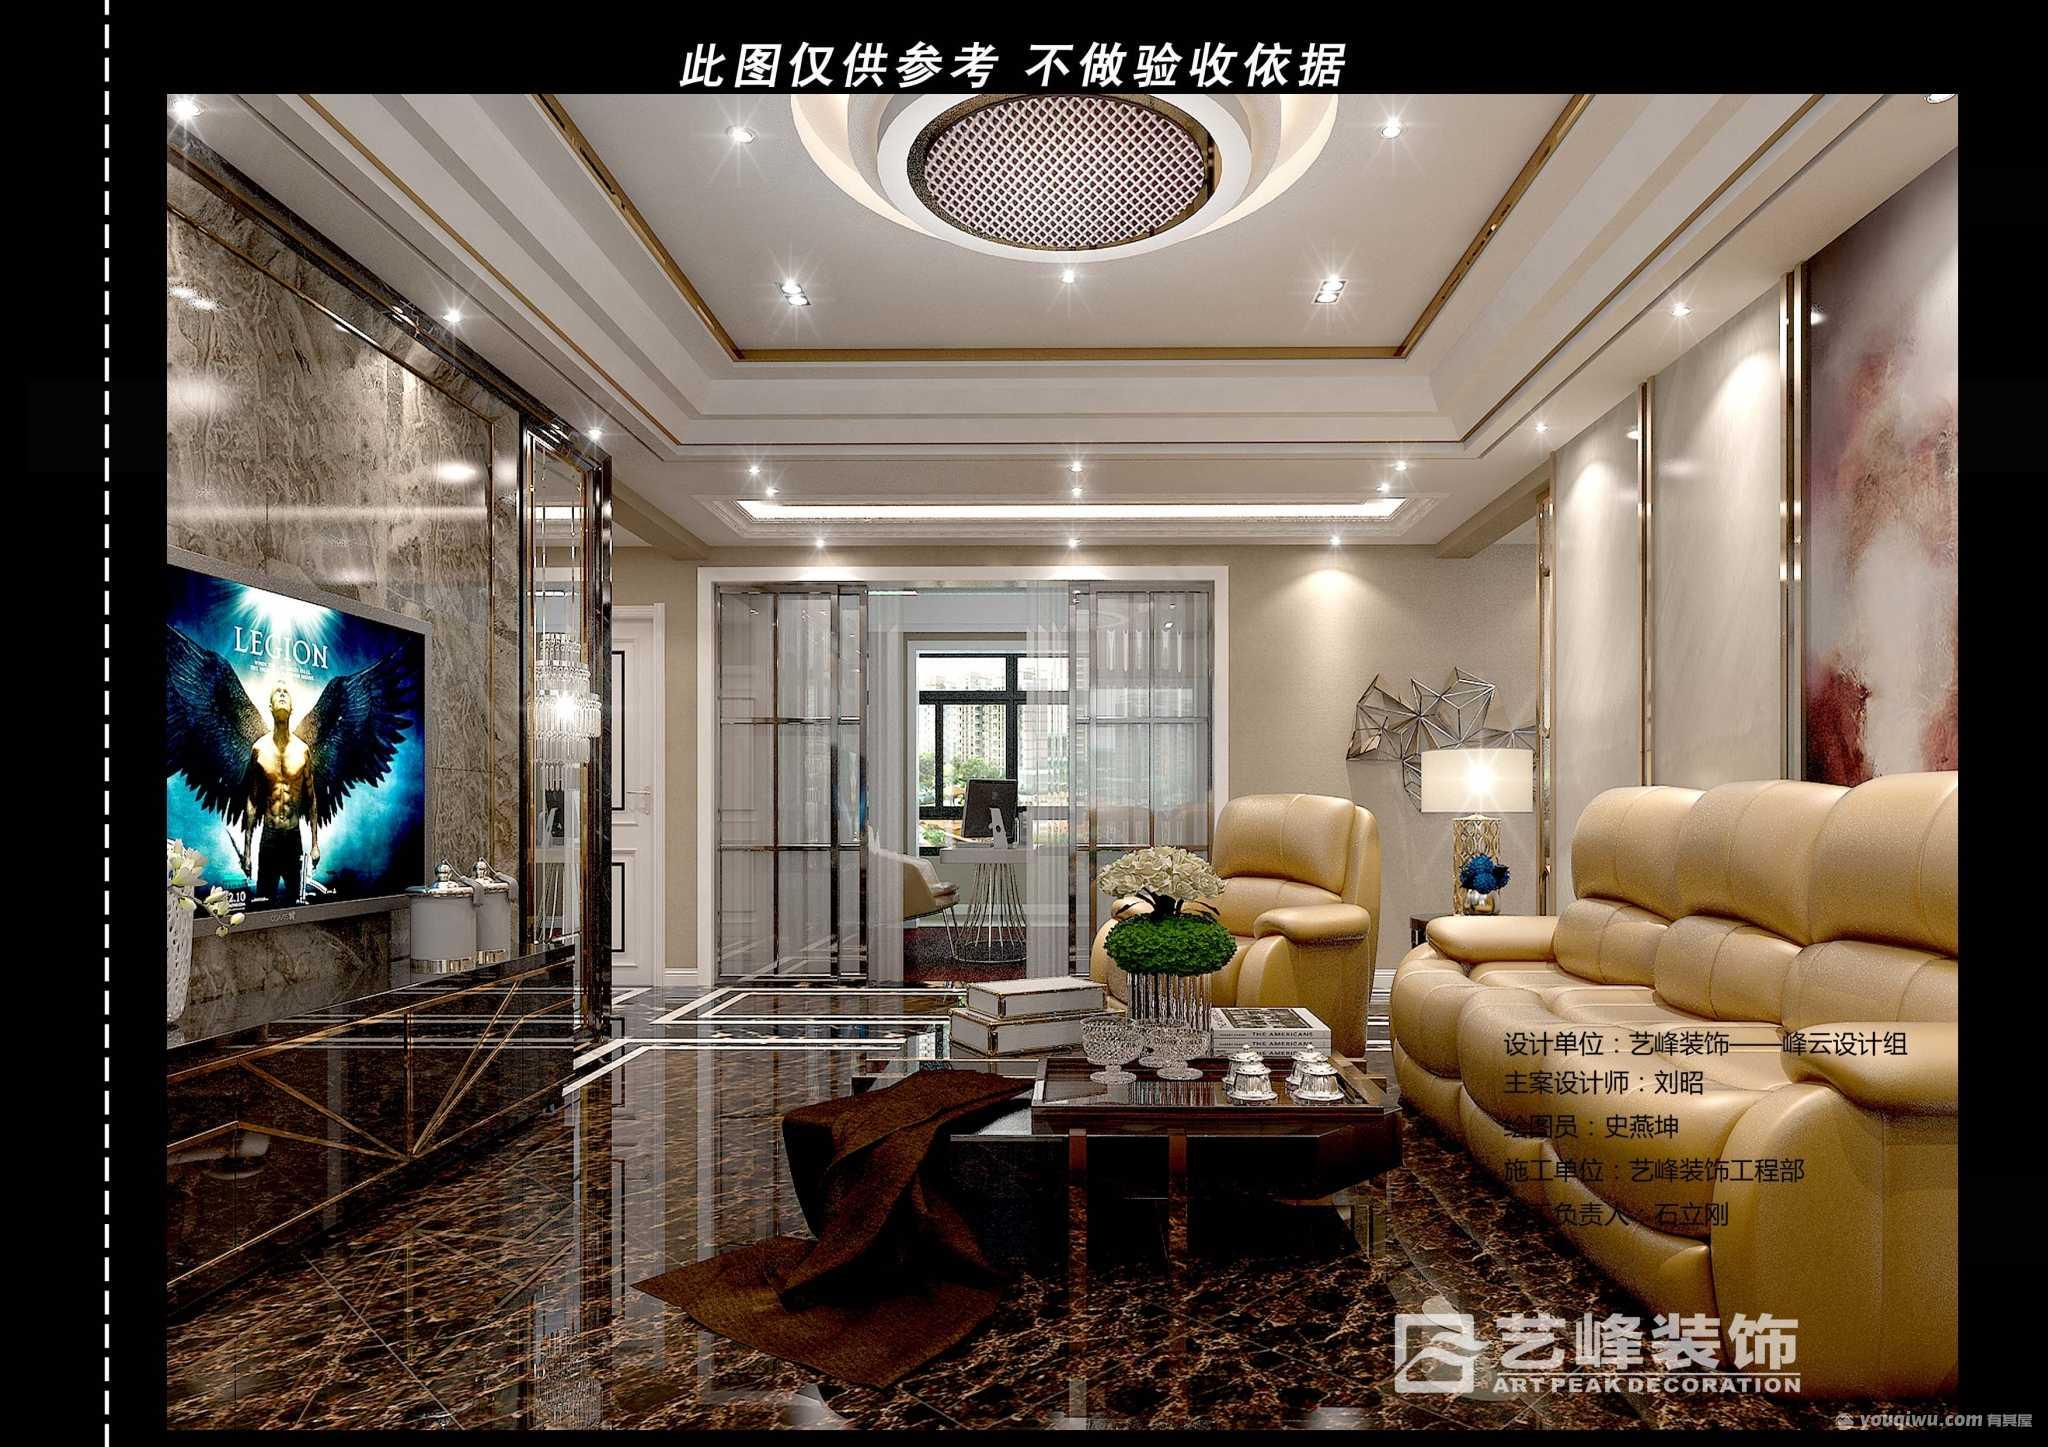 北湖十六峯140平米三居室后现代风格装修效果图